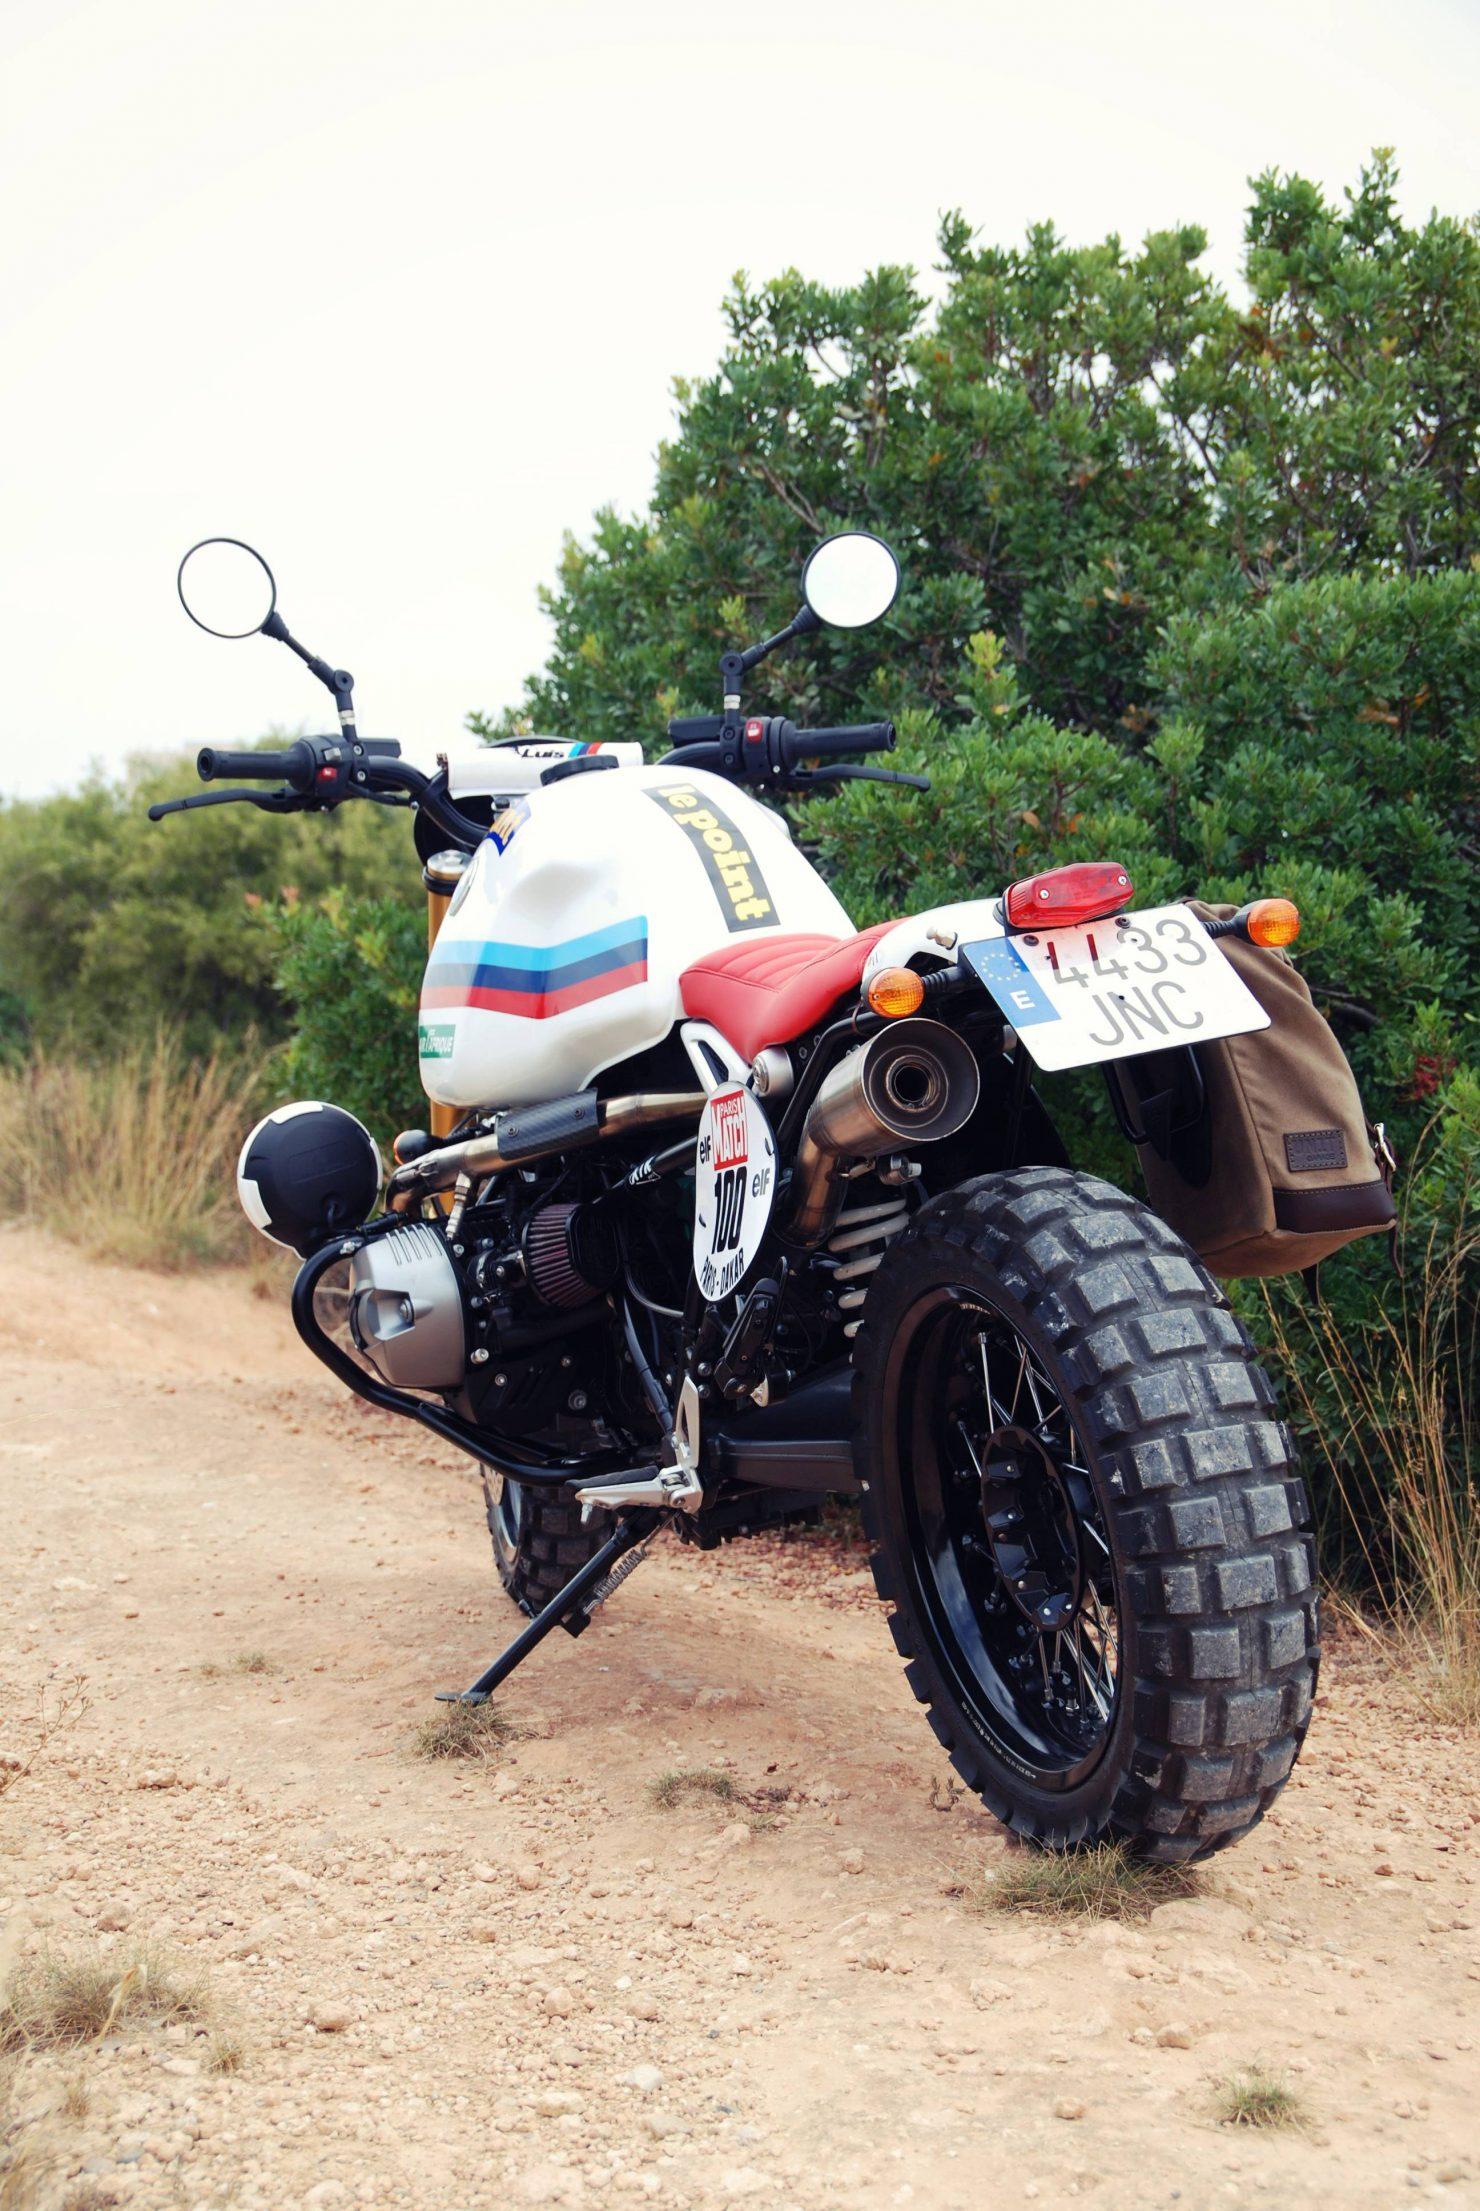 BMW R Nine T Custom Motorbike 18 1480x2211 - XTR Pepo BMW R nineT Paris Dakar